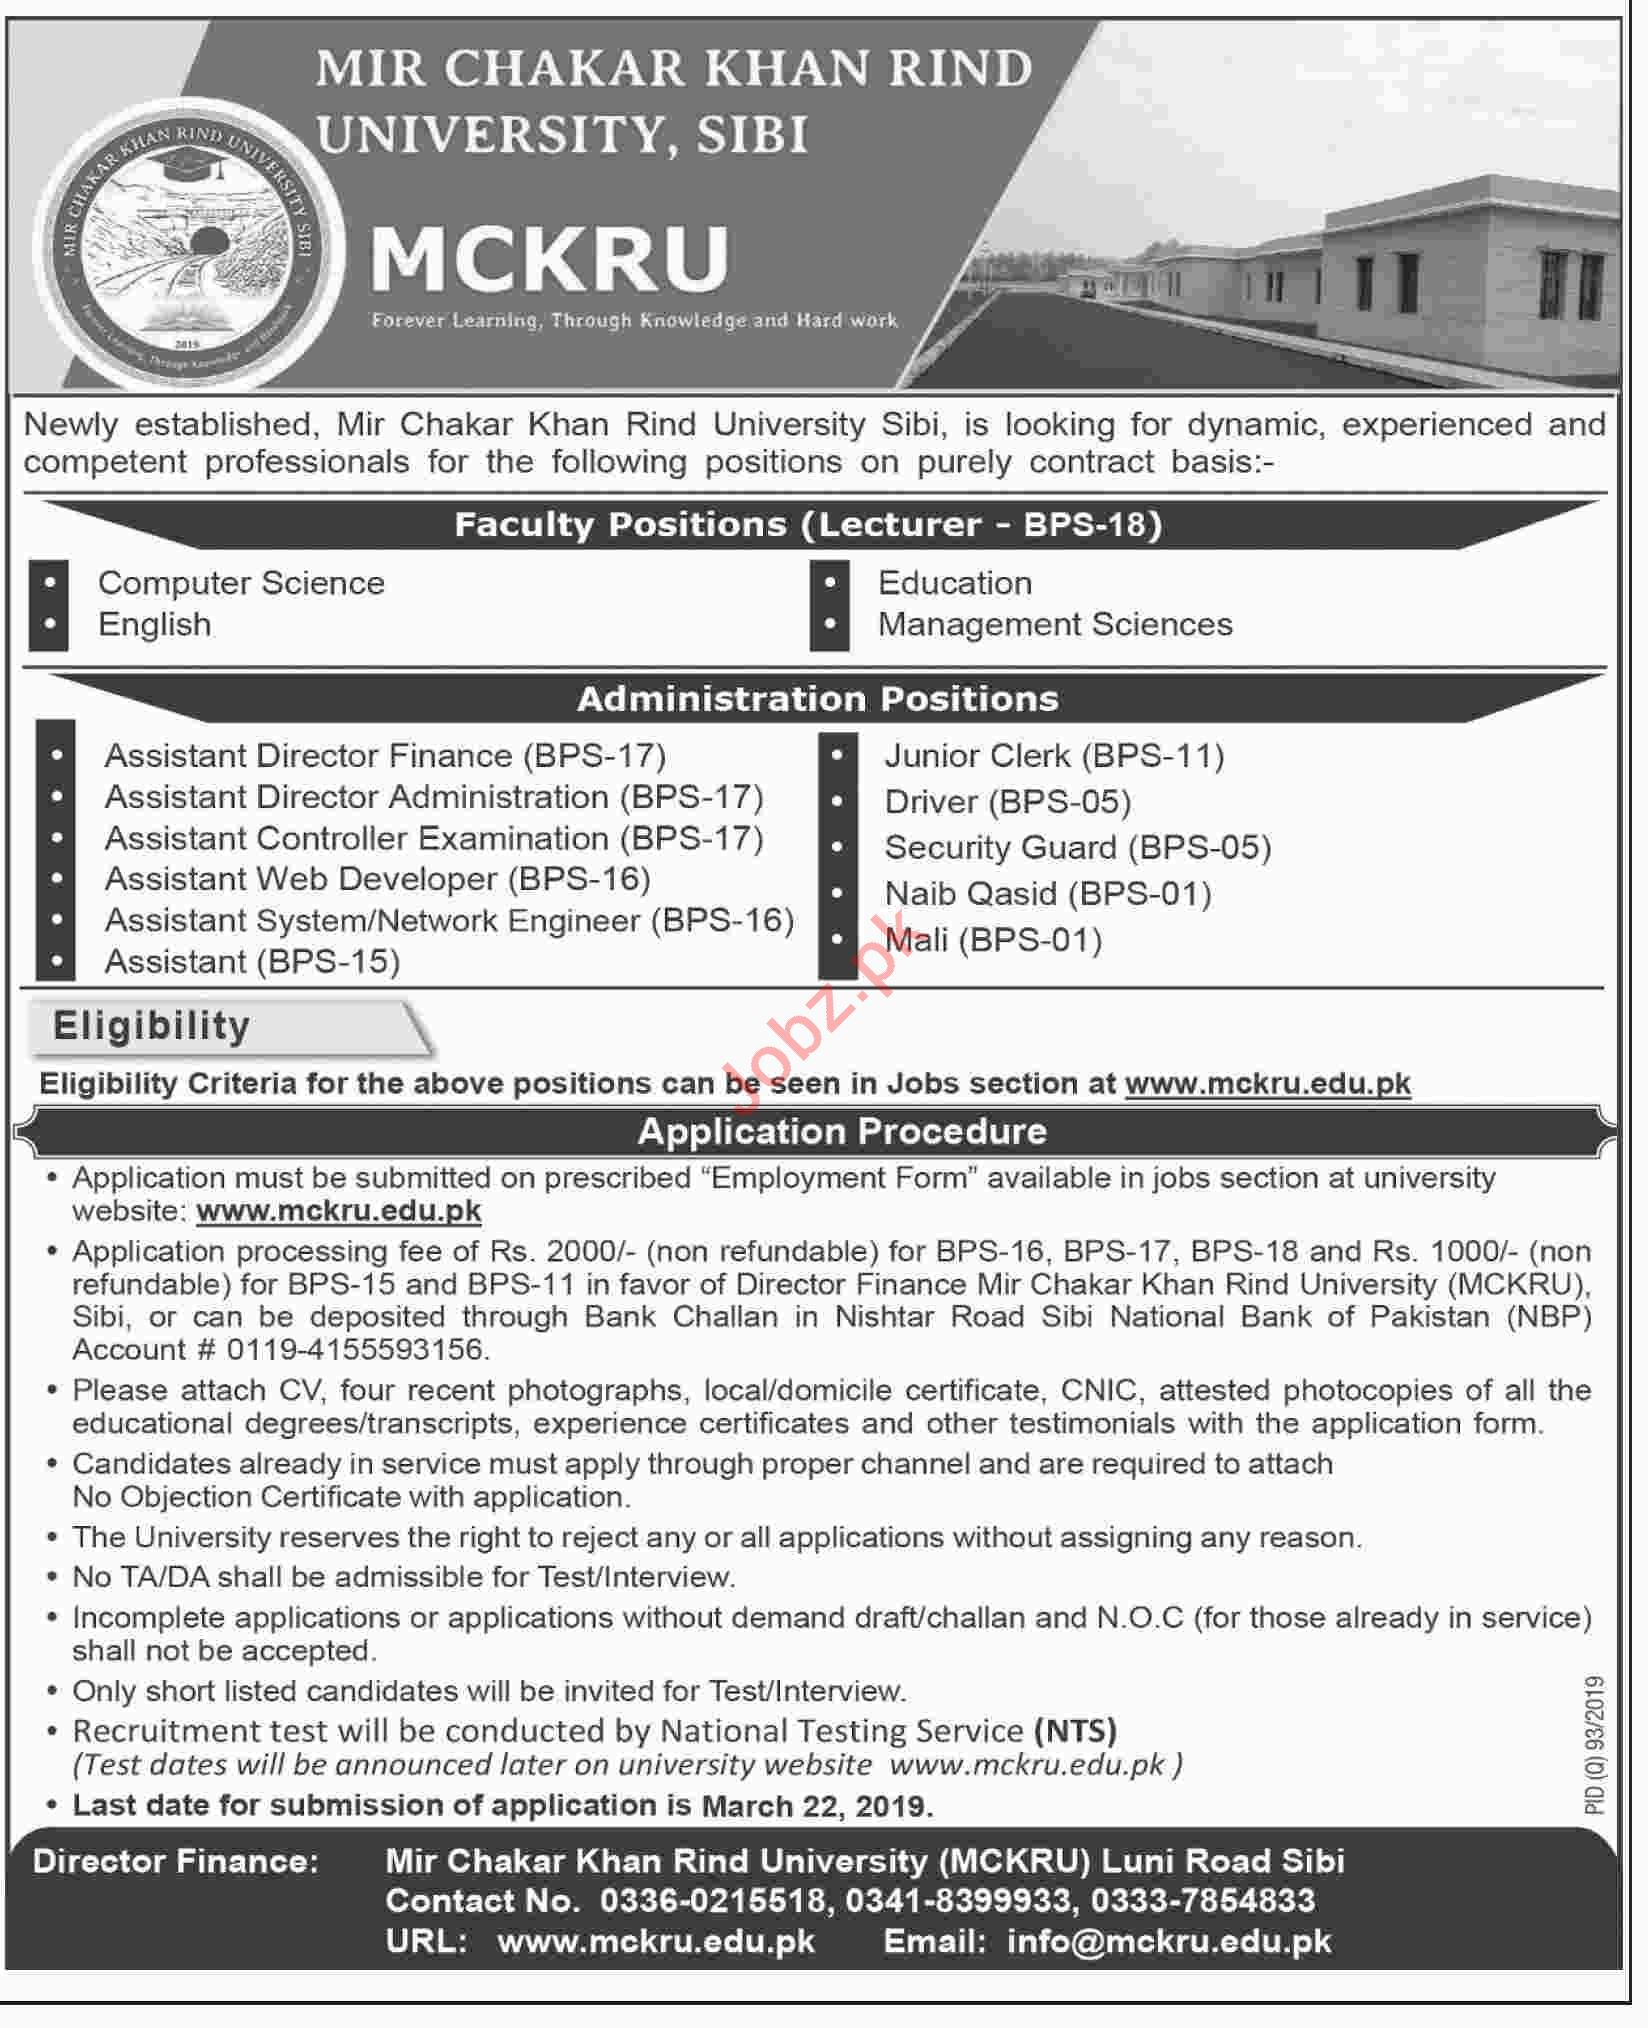 Mir Chakar Khan Rind University MCKRU Sibi Jobs 2019